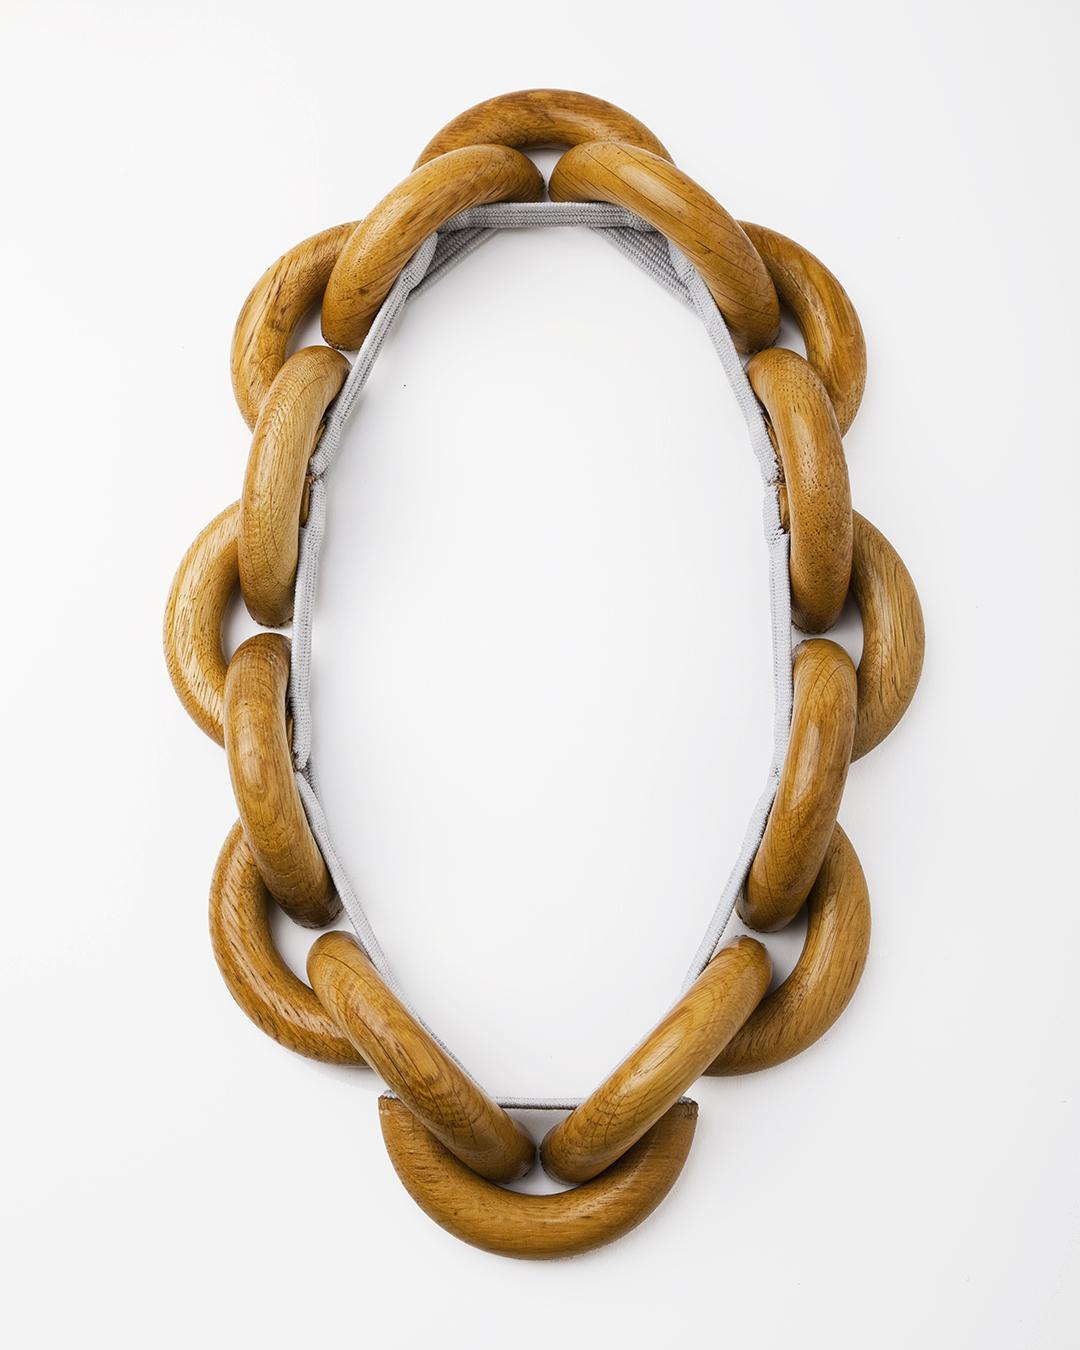 Barbara Schrobenhauser, Vom Tragen und Halten III (From Carrying and Holding), 2018, necklace; used wooden handles, woven string, L 700 mm, €1650